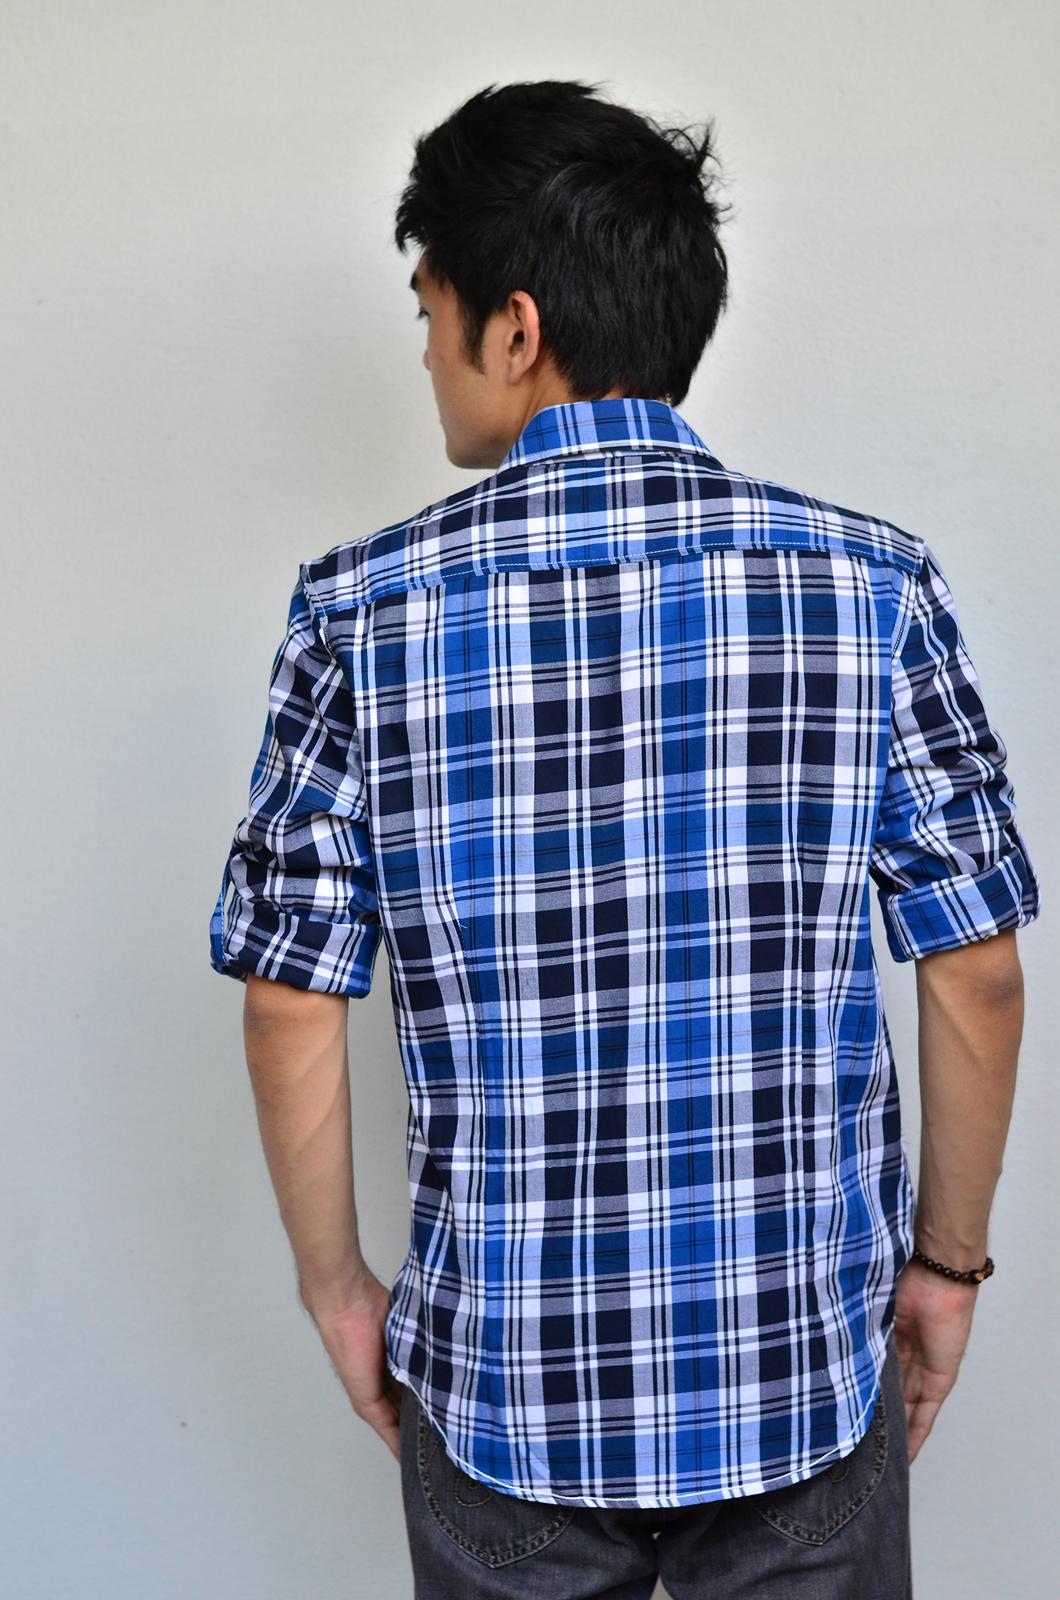 เสื้อเชิ้ตลายสก๊อต ผู้ชาย สีน้ำเงิน